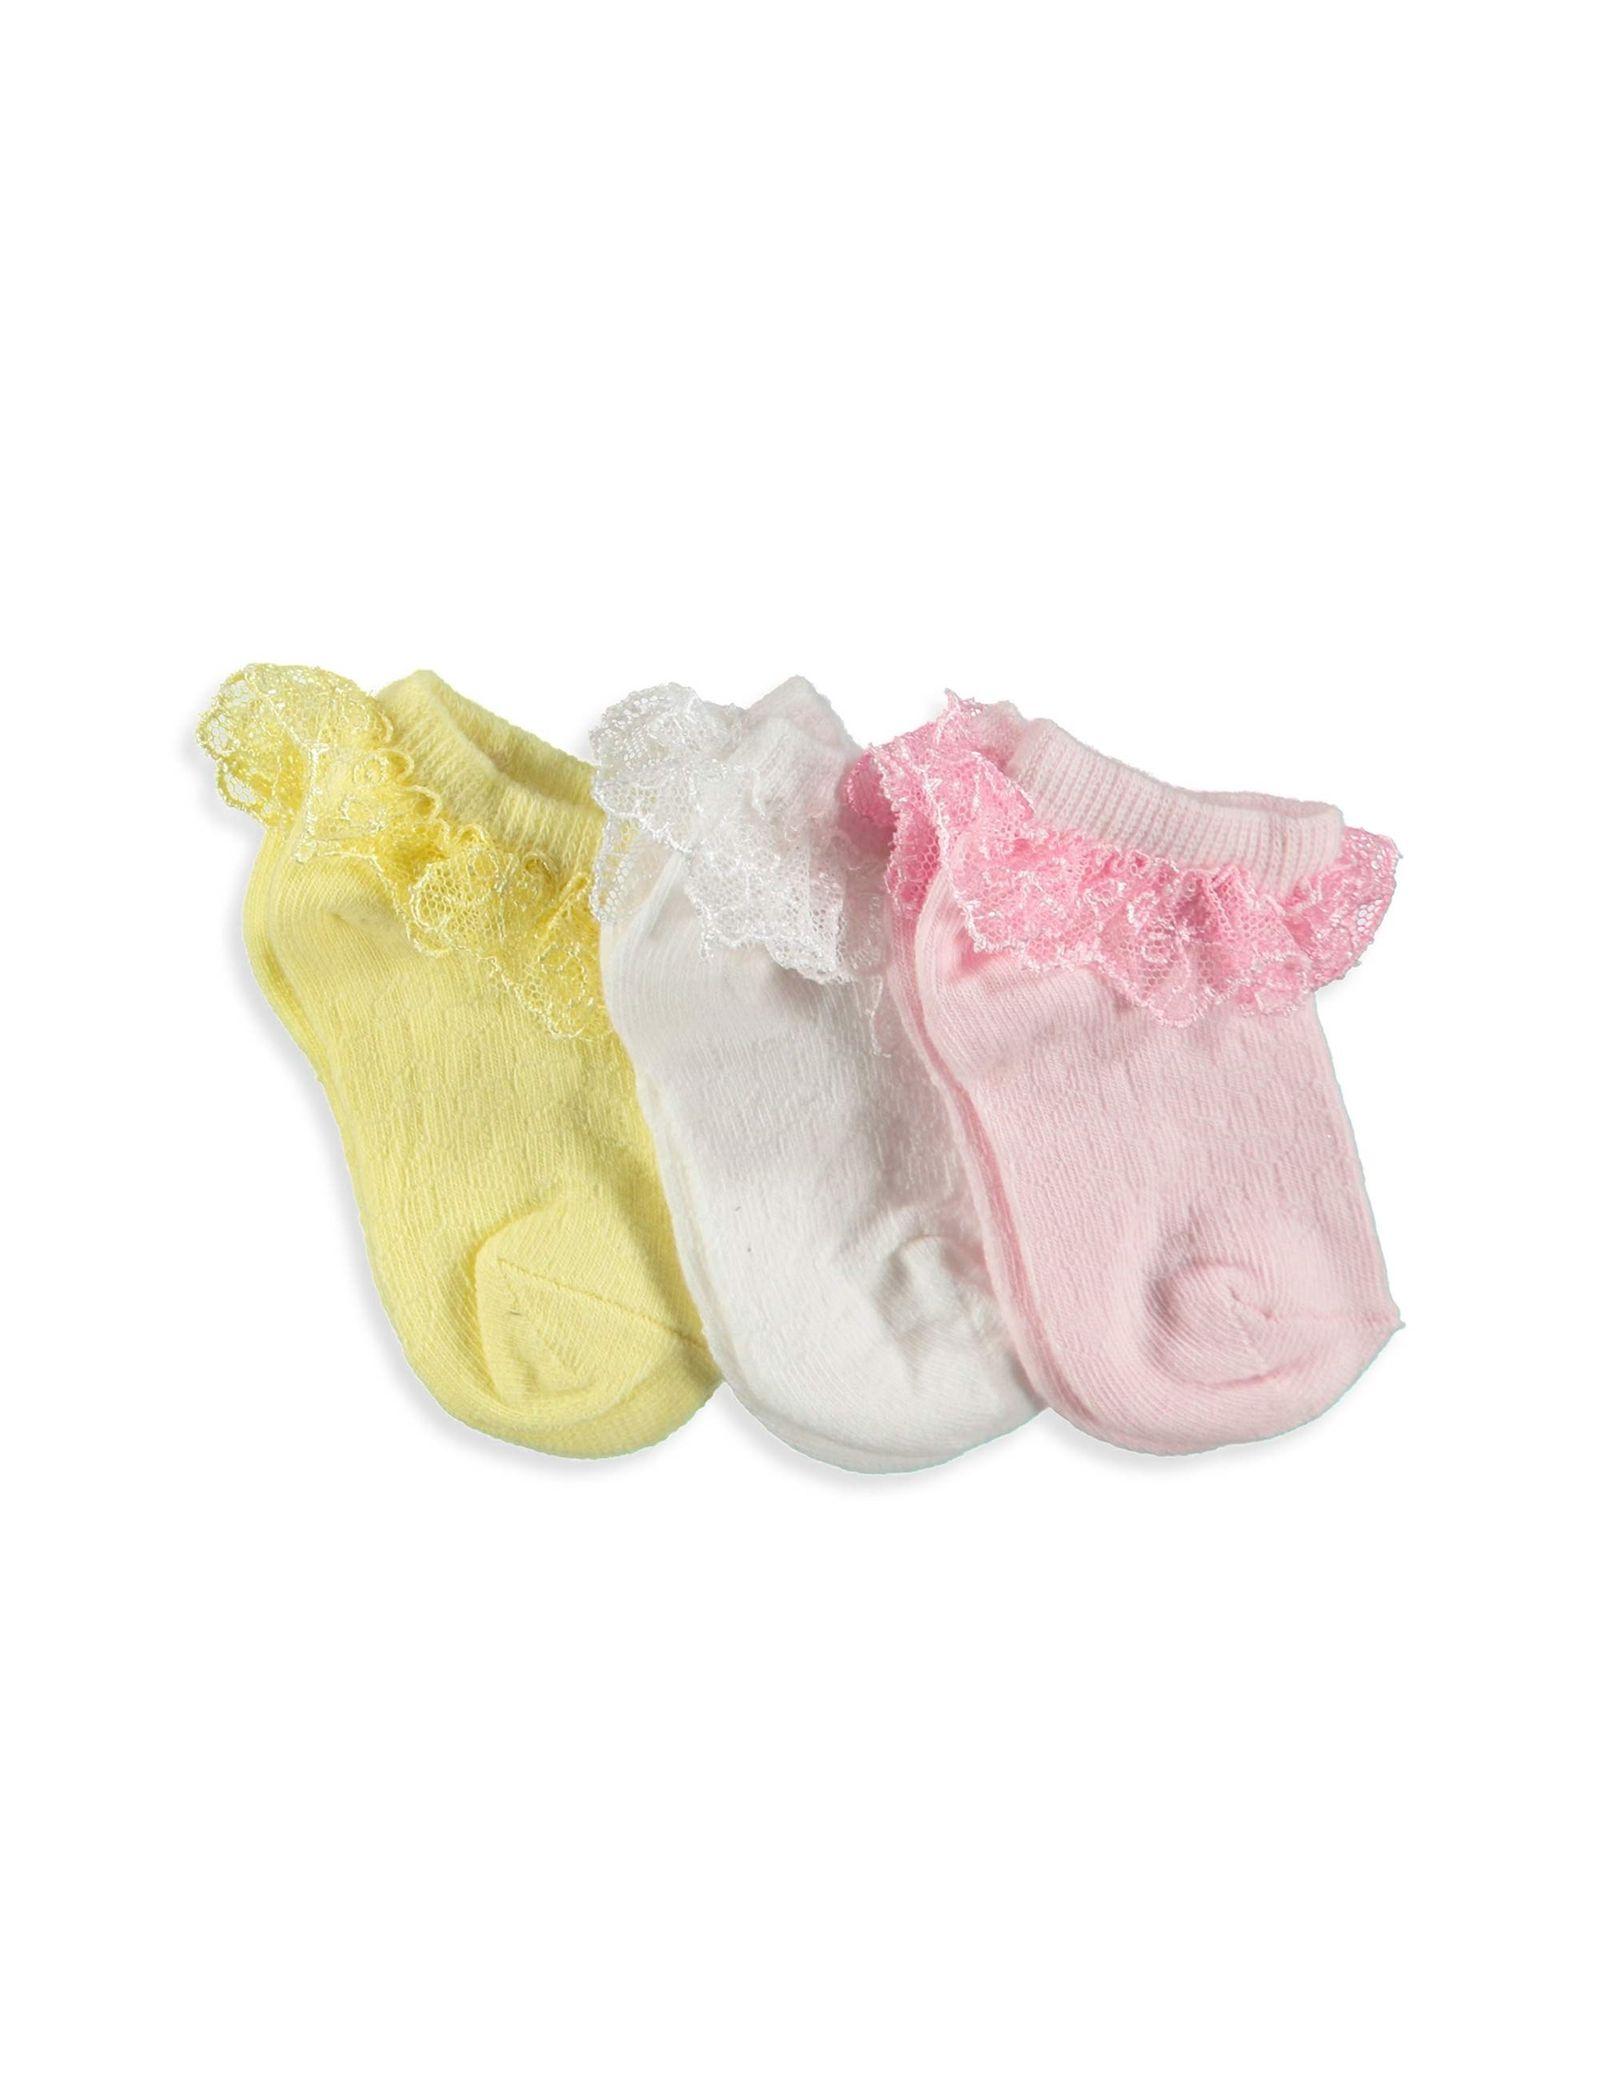 جوراب ساده نوزادی دخترانه بسته 3 عددی - ال سی وایکیکی - ليمويي/سفيد/صورتي - 2